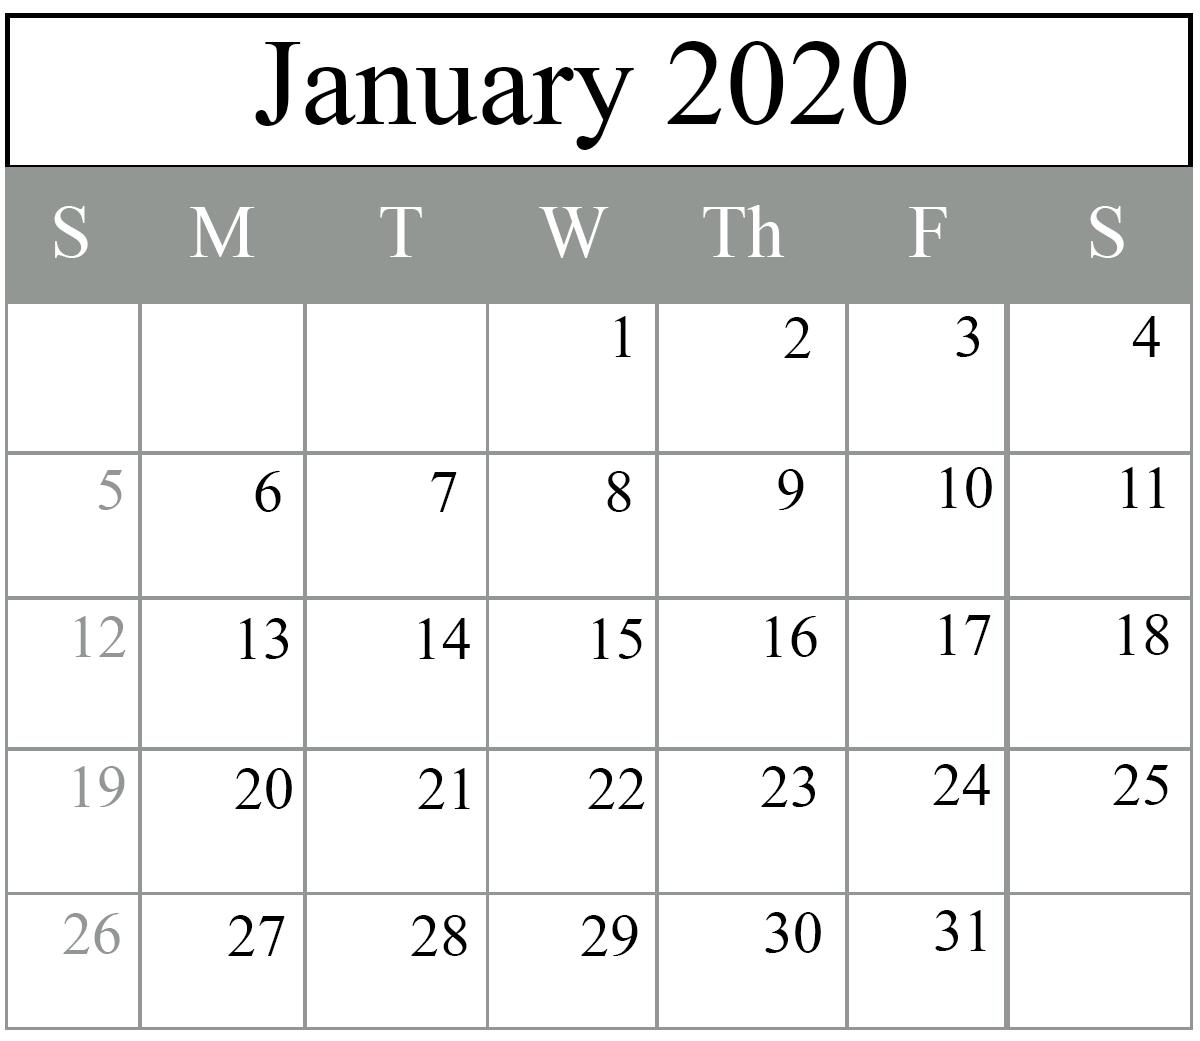 Free Blank January 2020 Calendar Printable in PDF, Word, Excel